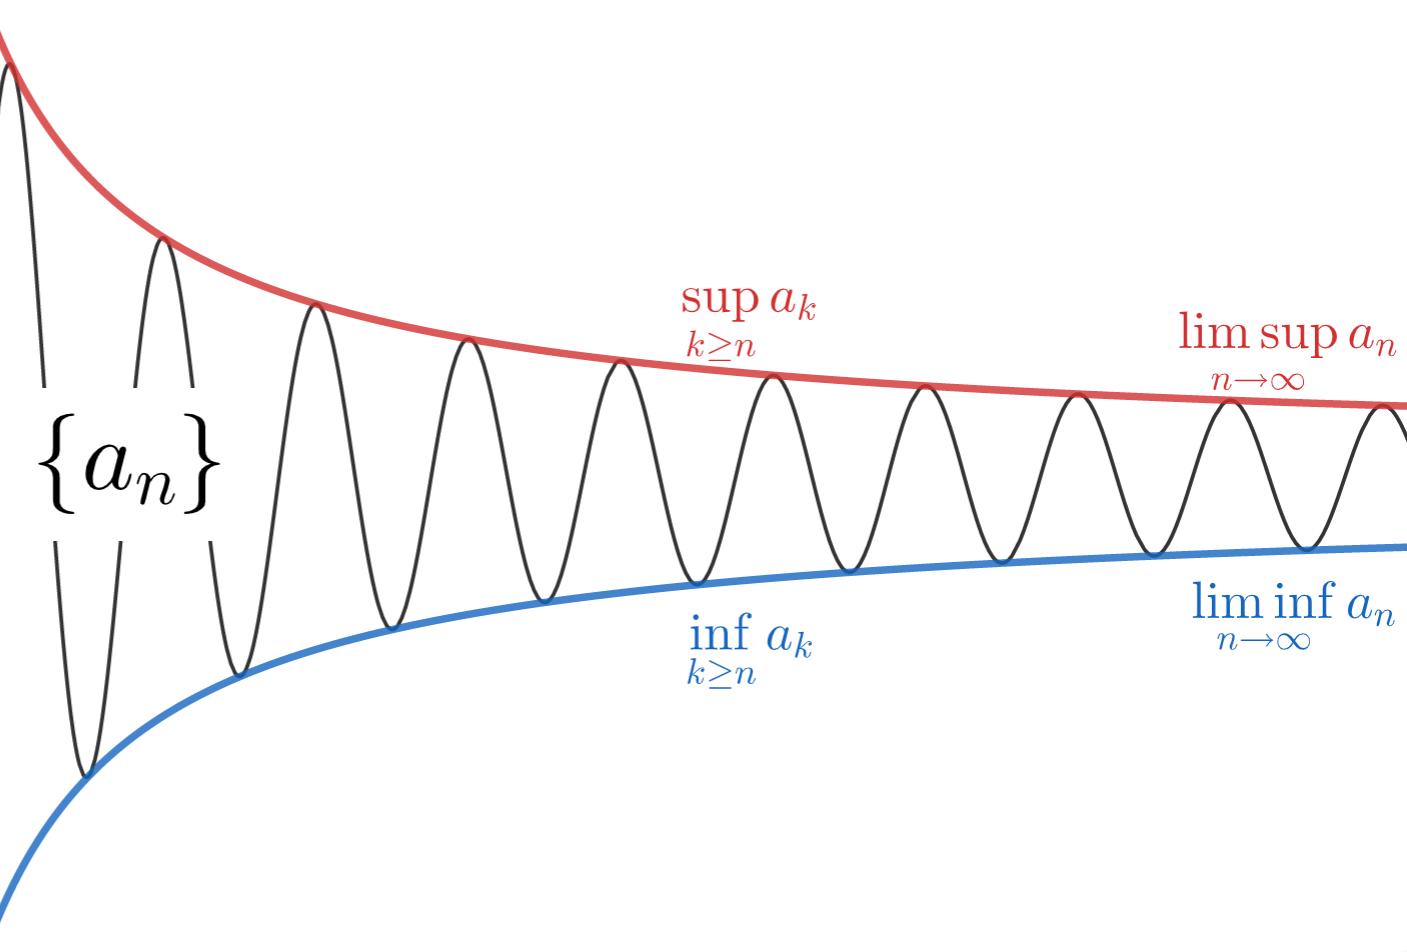 上極限,下極限(limsup,liminf)の定義と例と性質2つ